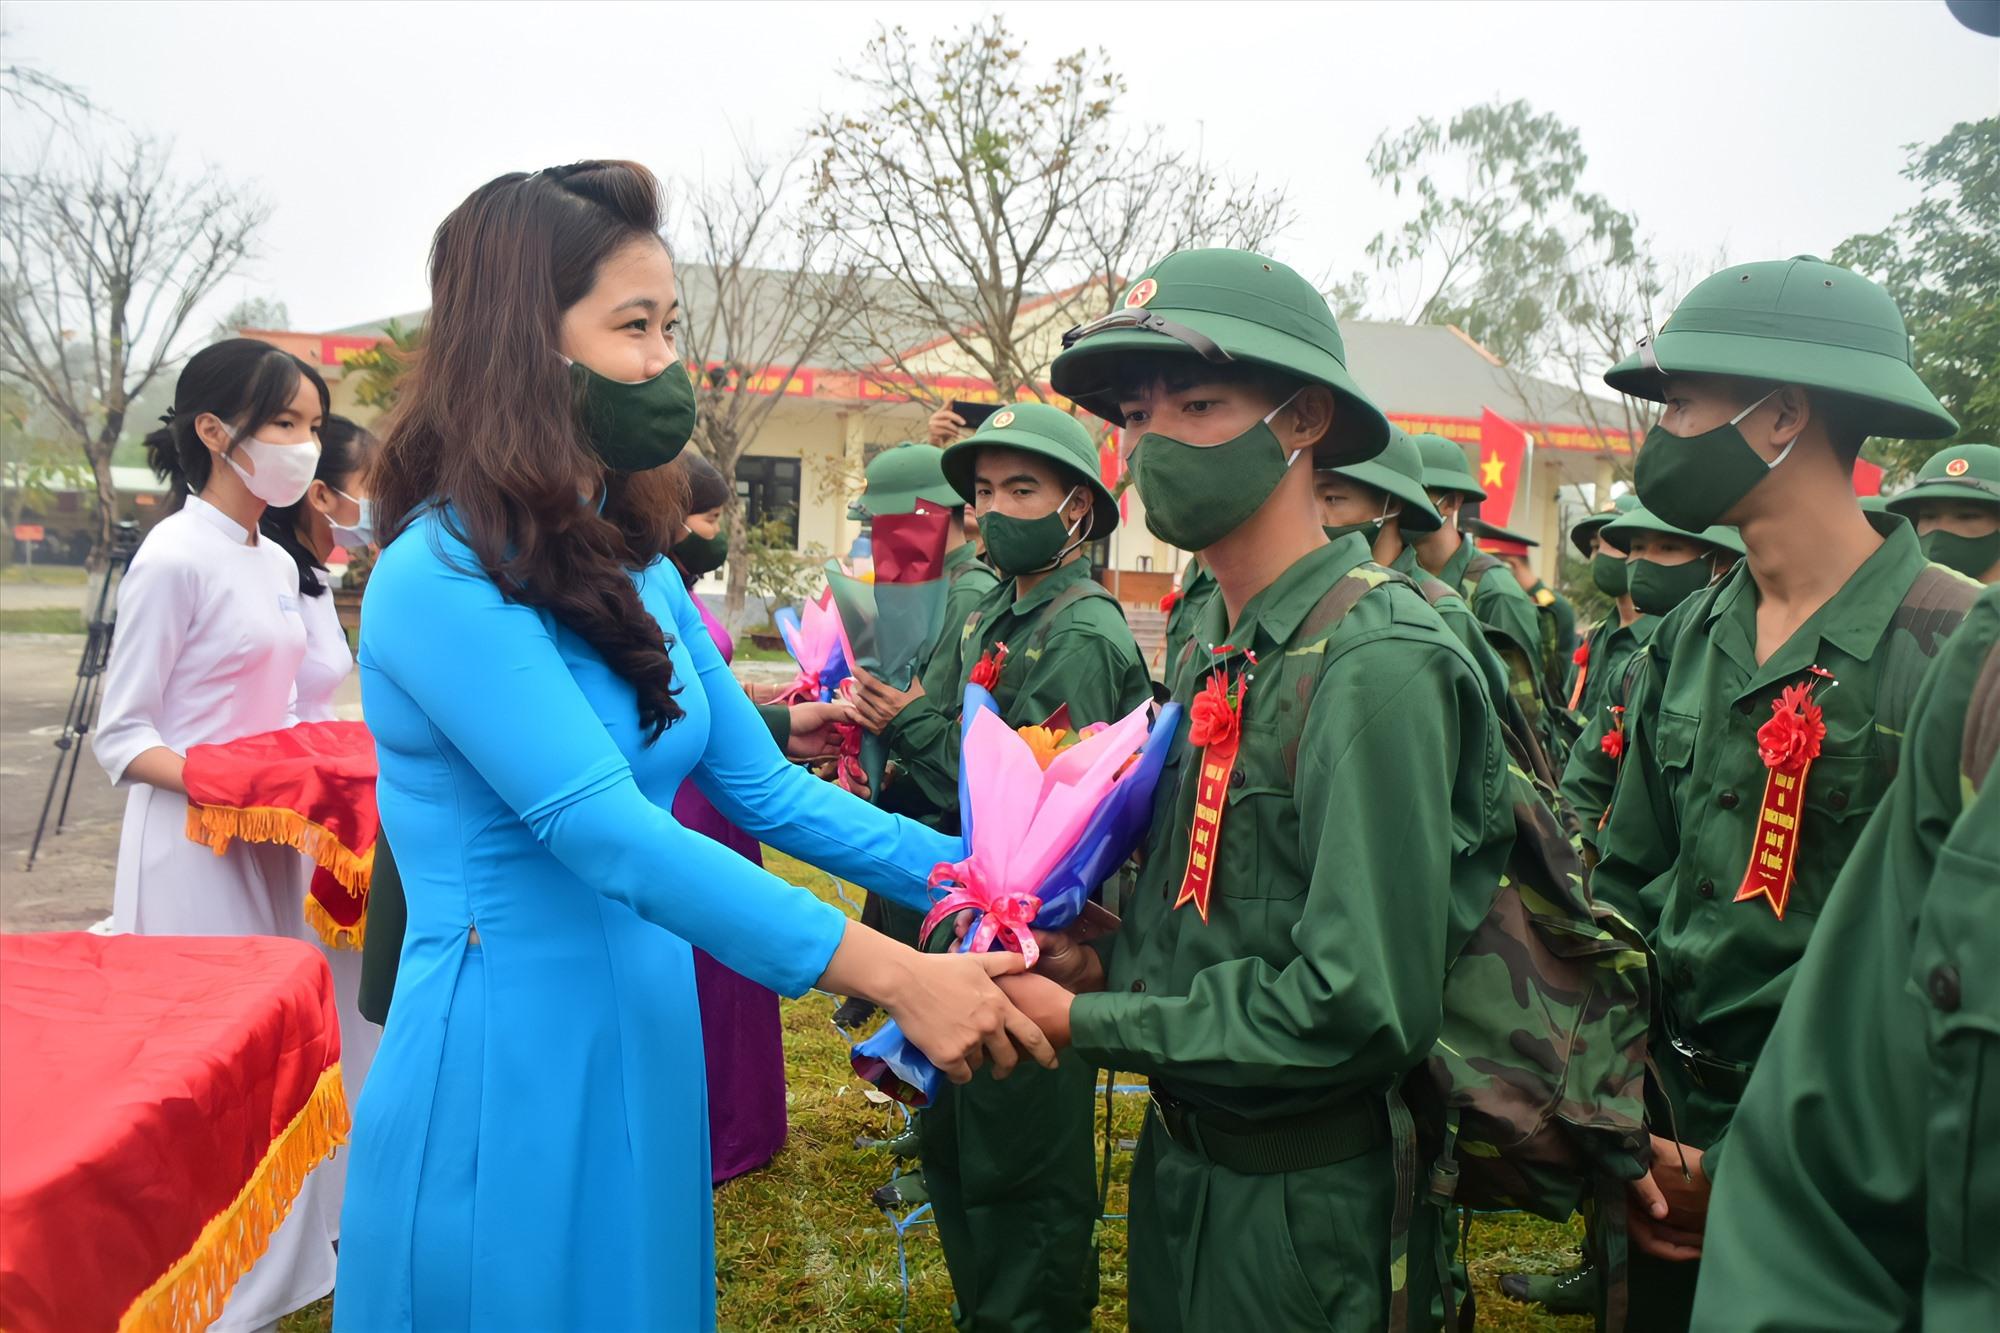 Bí thư Tỉnh đoàn Phạm Thị Thanh động viên tân binh. Ảnh: T.C